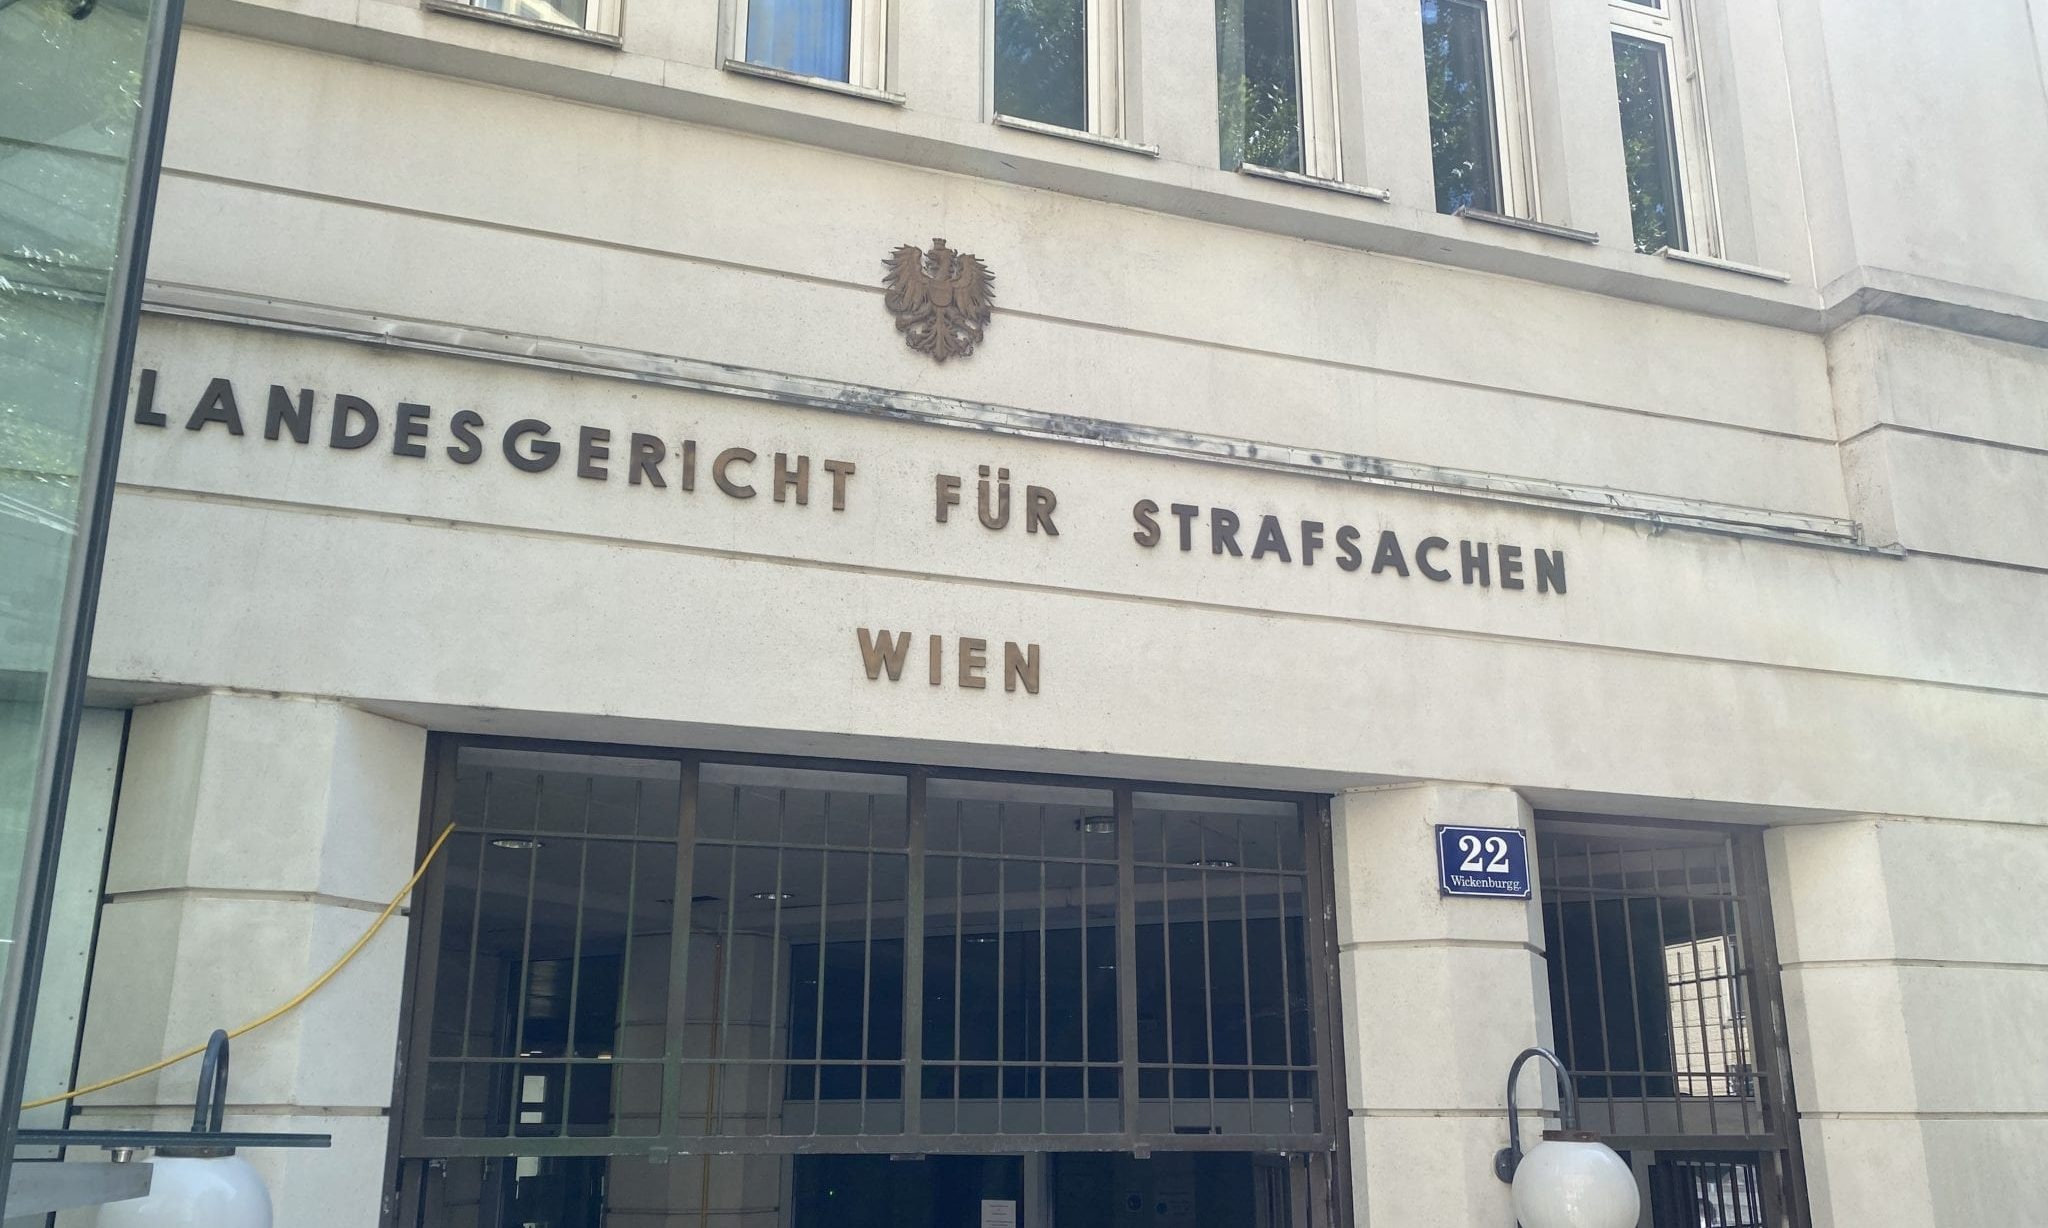 Landesgericht für Strafsachen in Wien